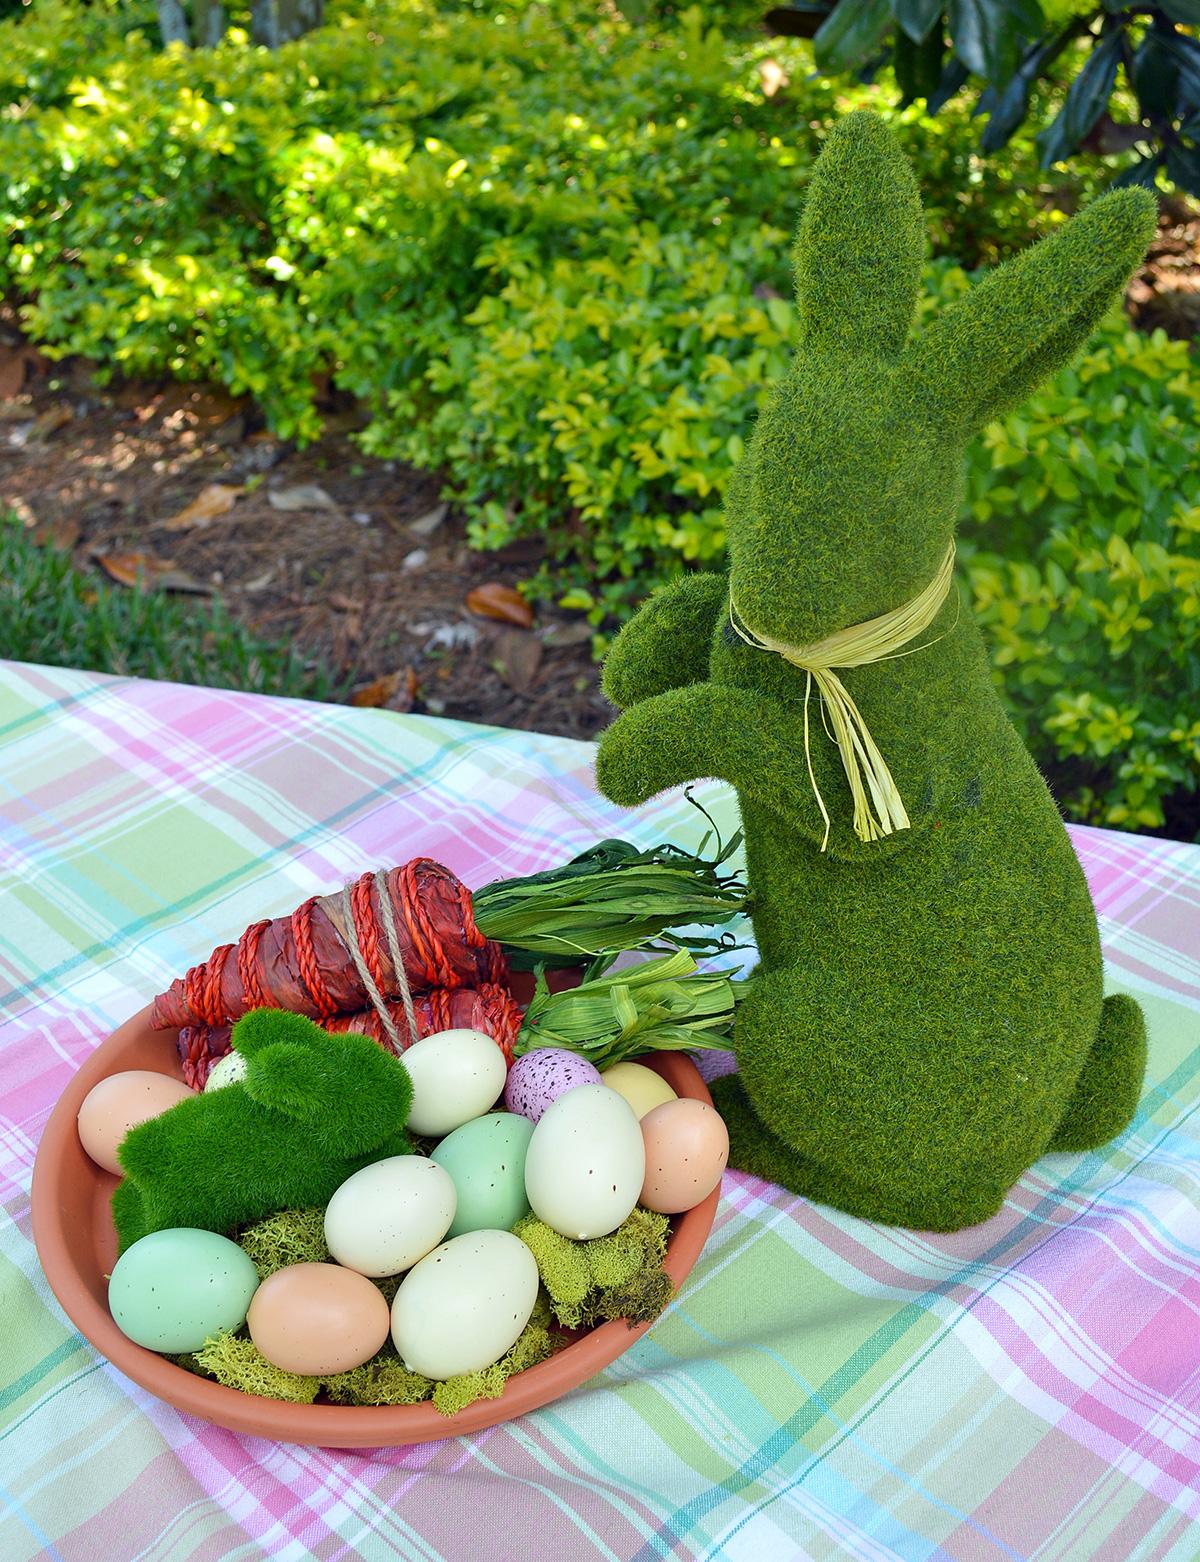 Moss bunnies as Easter decor